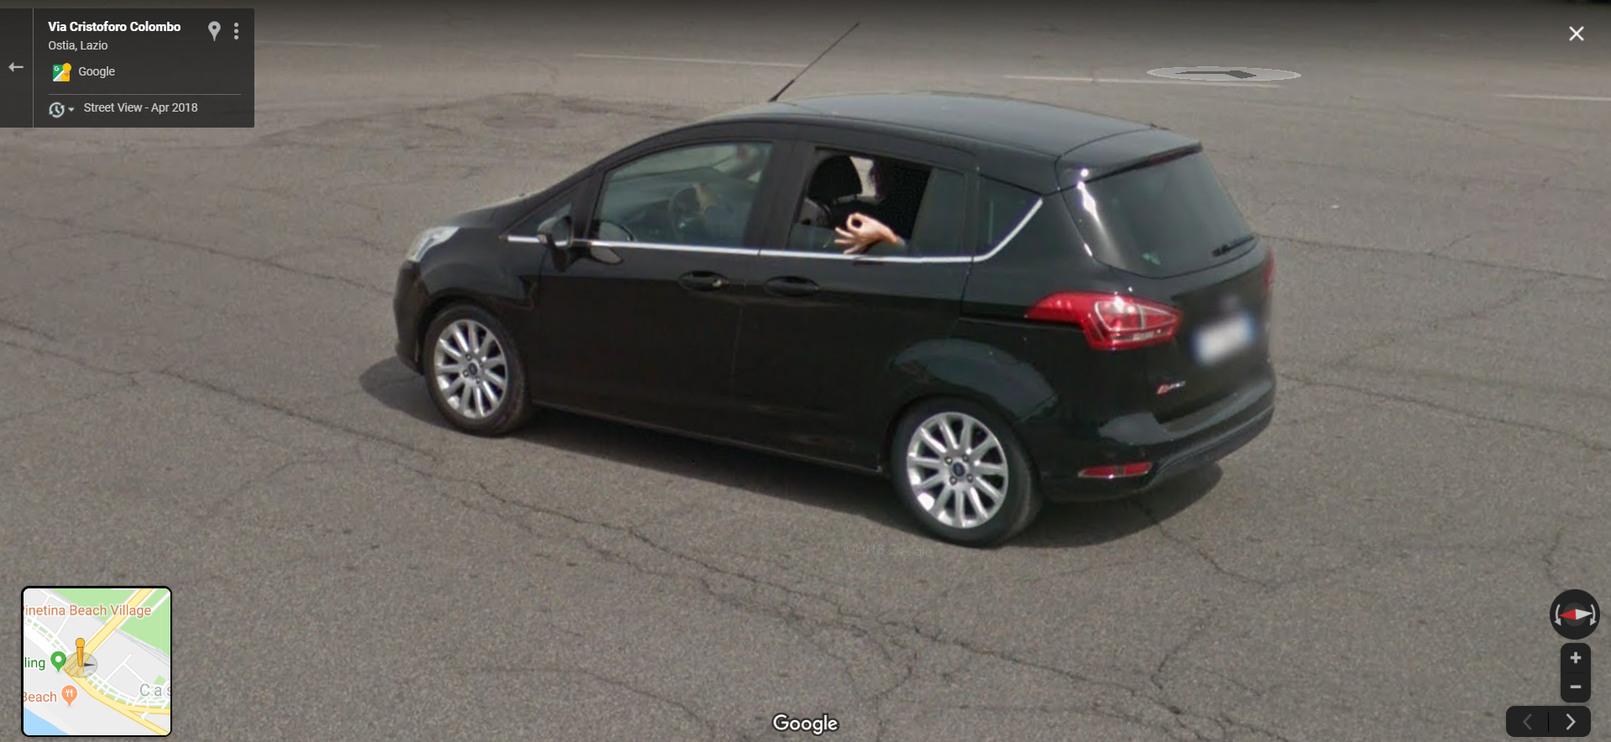 quando voce olhada janela do seu carro e ve o carro do google - meme